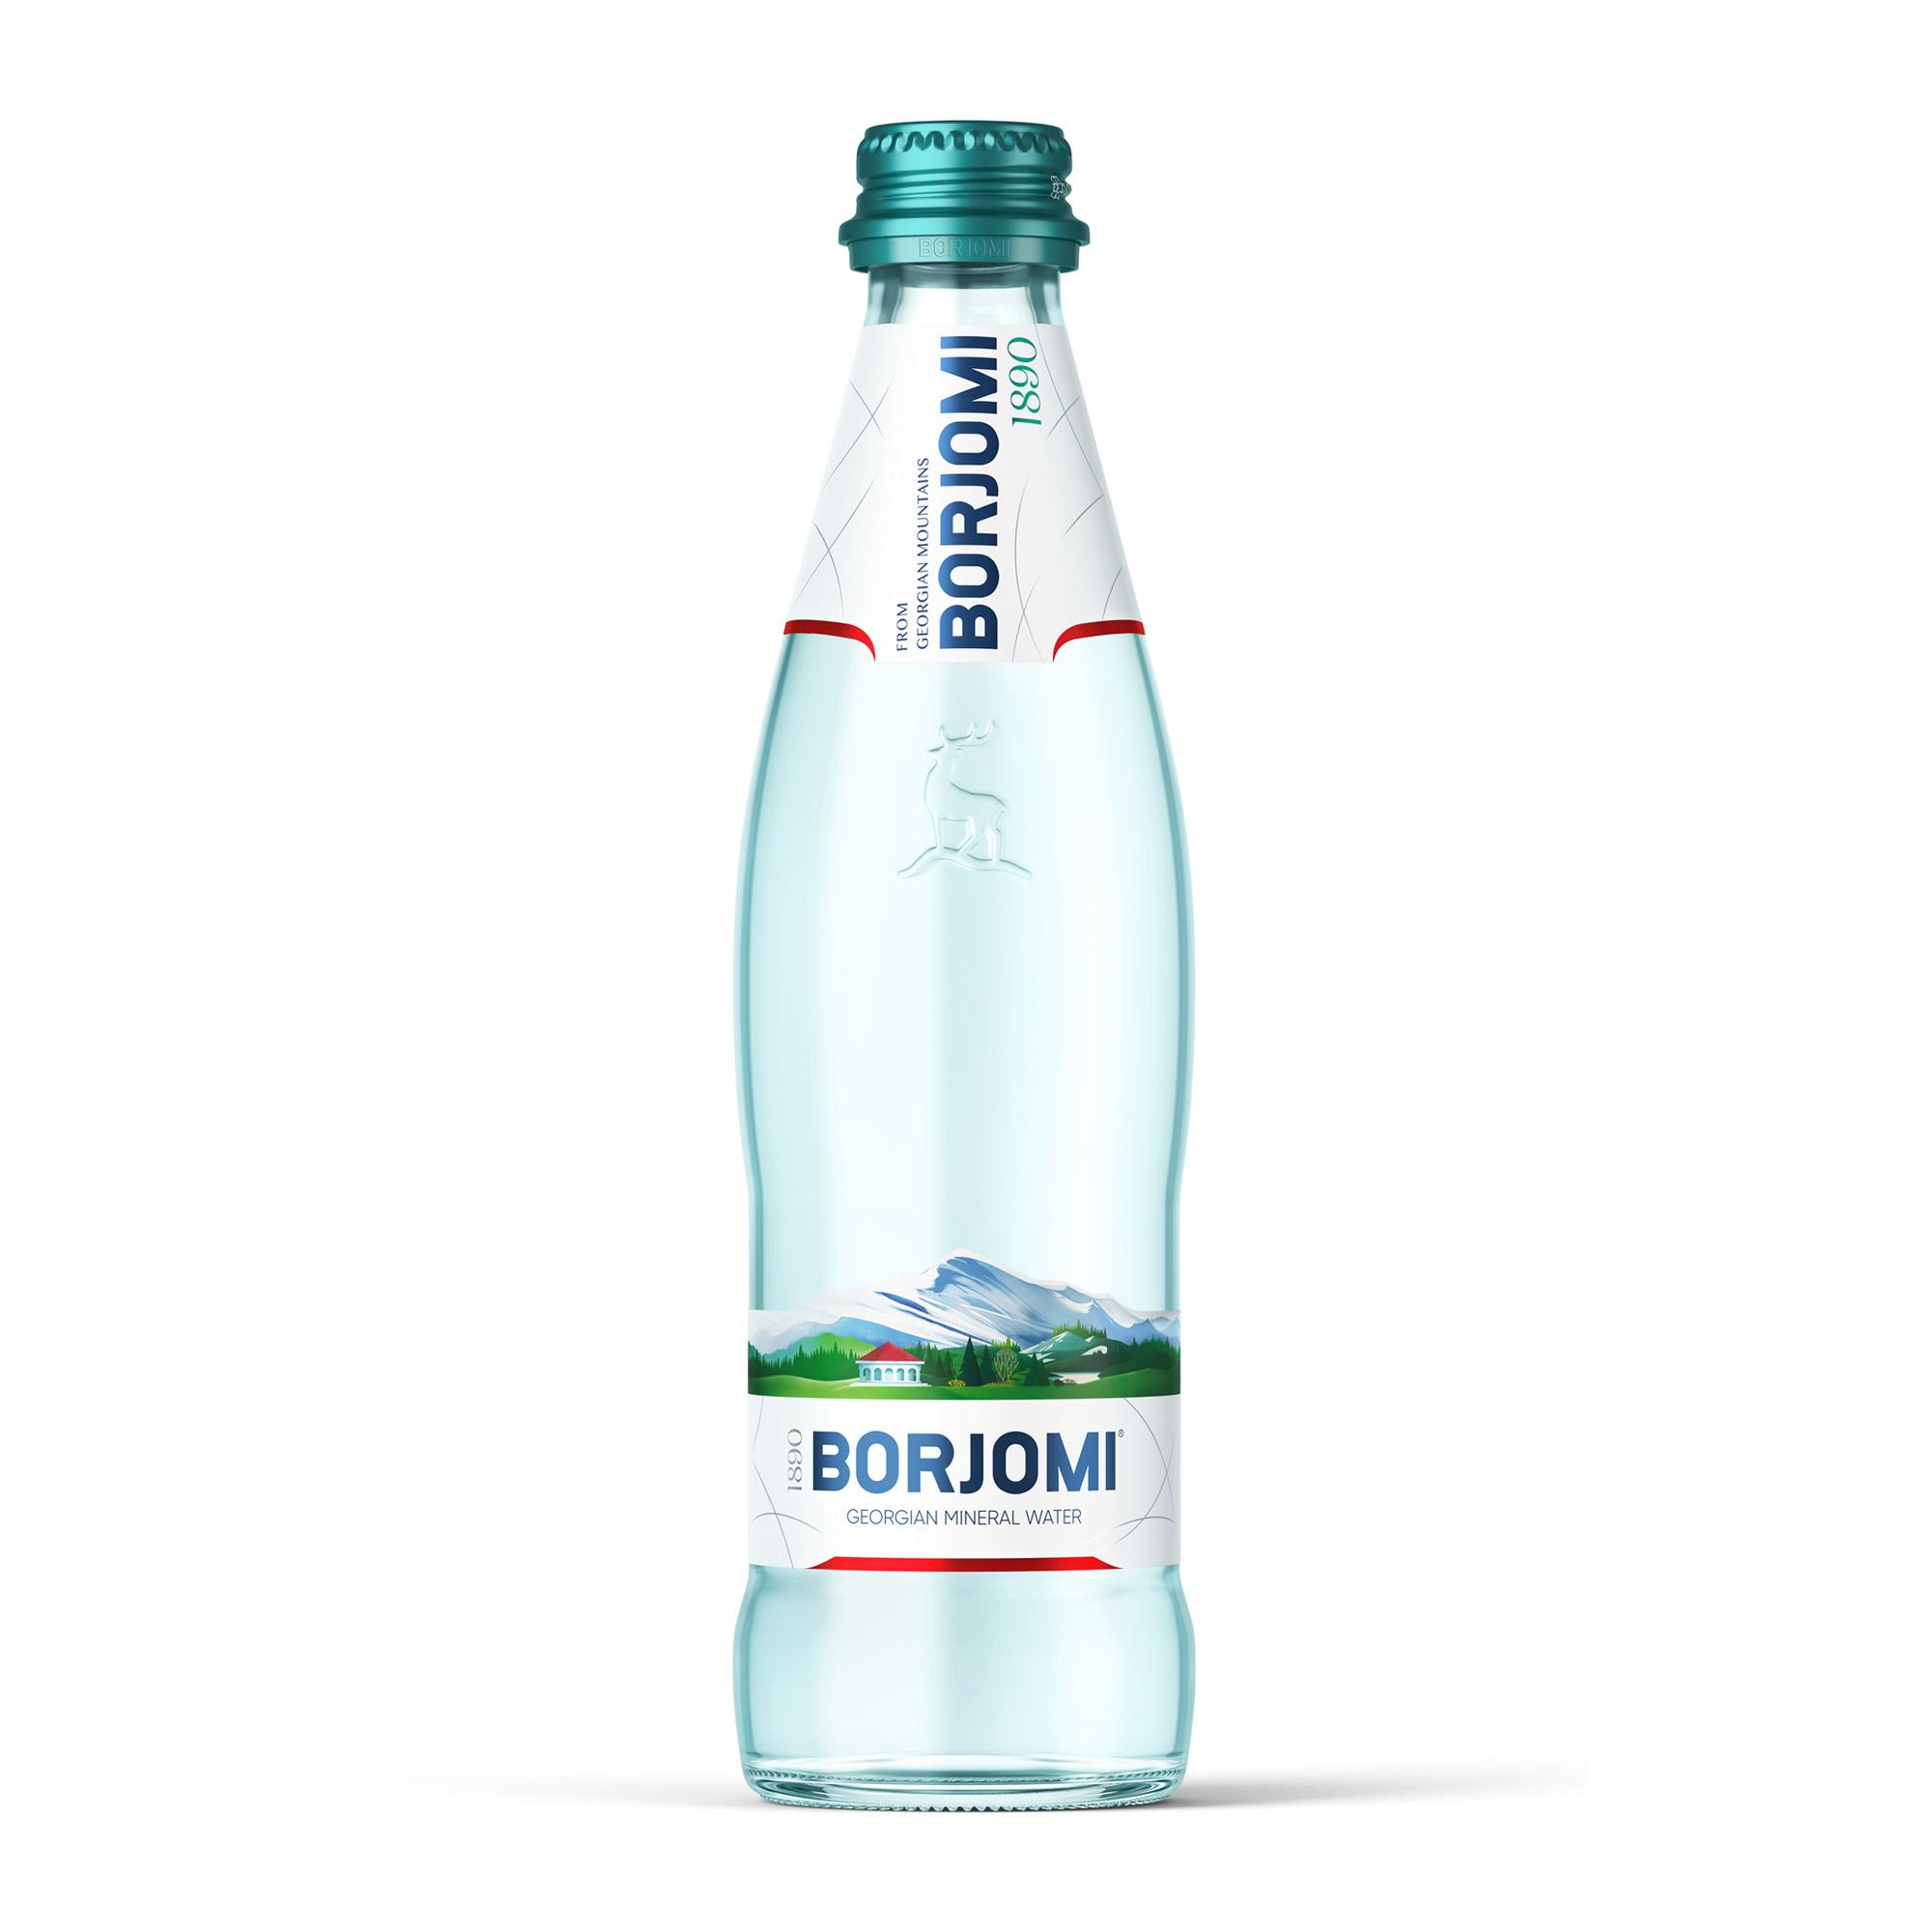 Вода минеральная Borjomi газированная 0,33 л